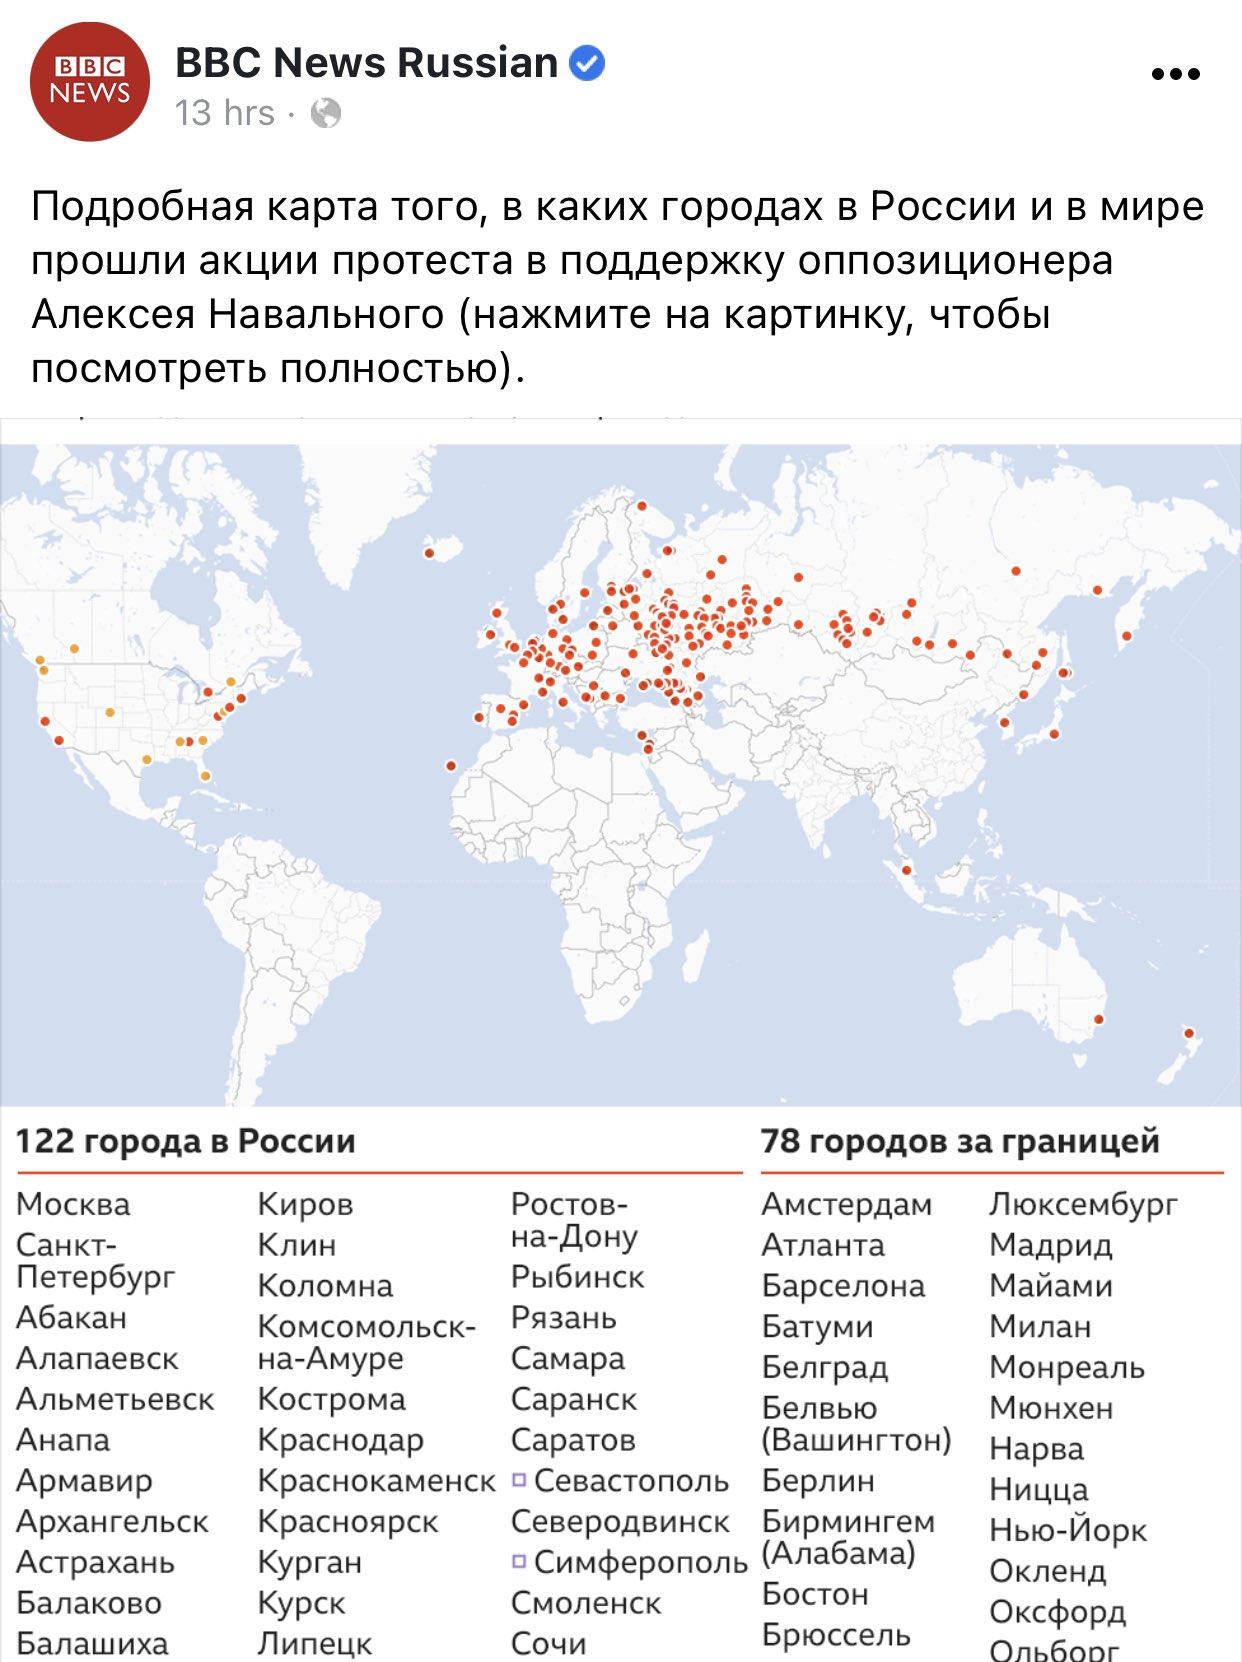 В МИД напомнили ВВС:Симферополь и Севастополь никогда не были российскими городами